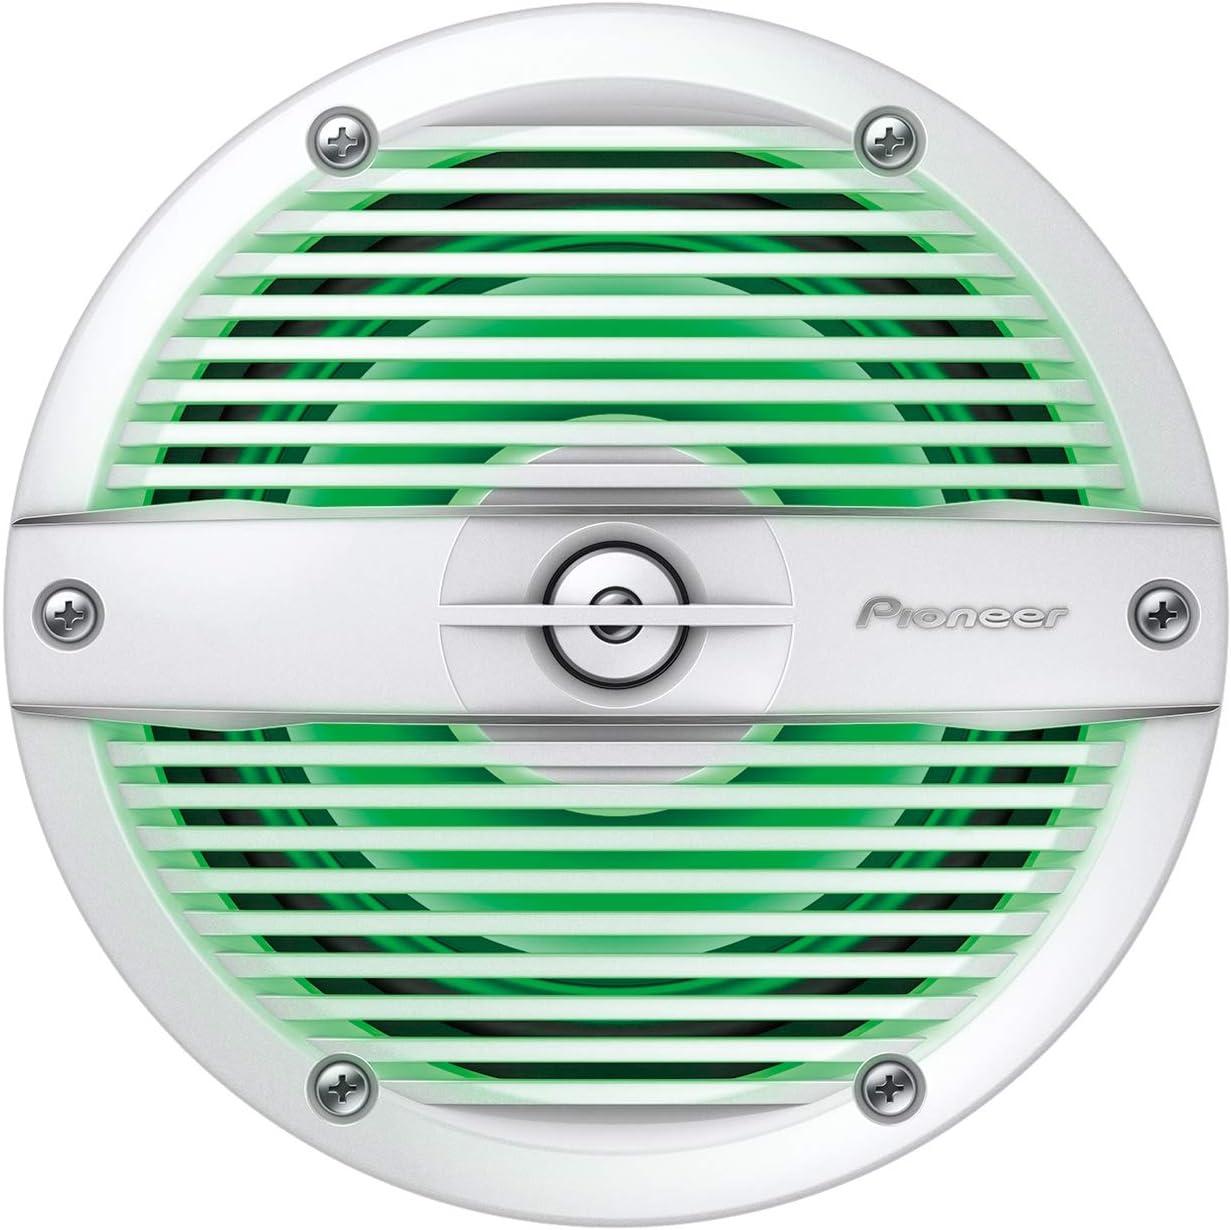 Pioneer 1026525 Lautsprecherbeleuchtung Auto